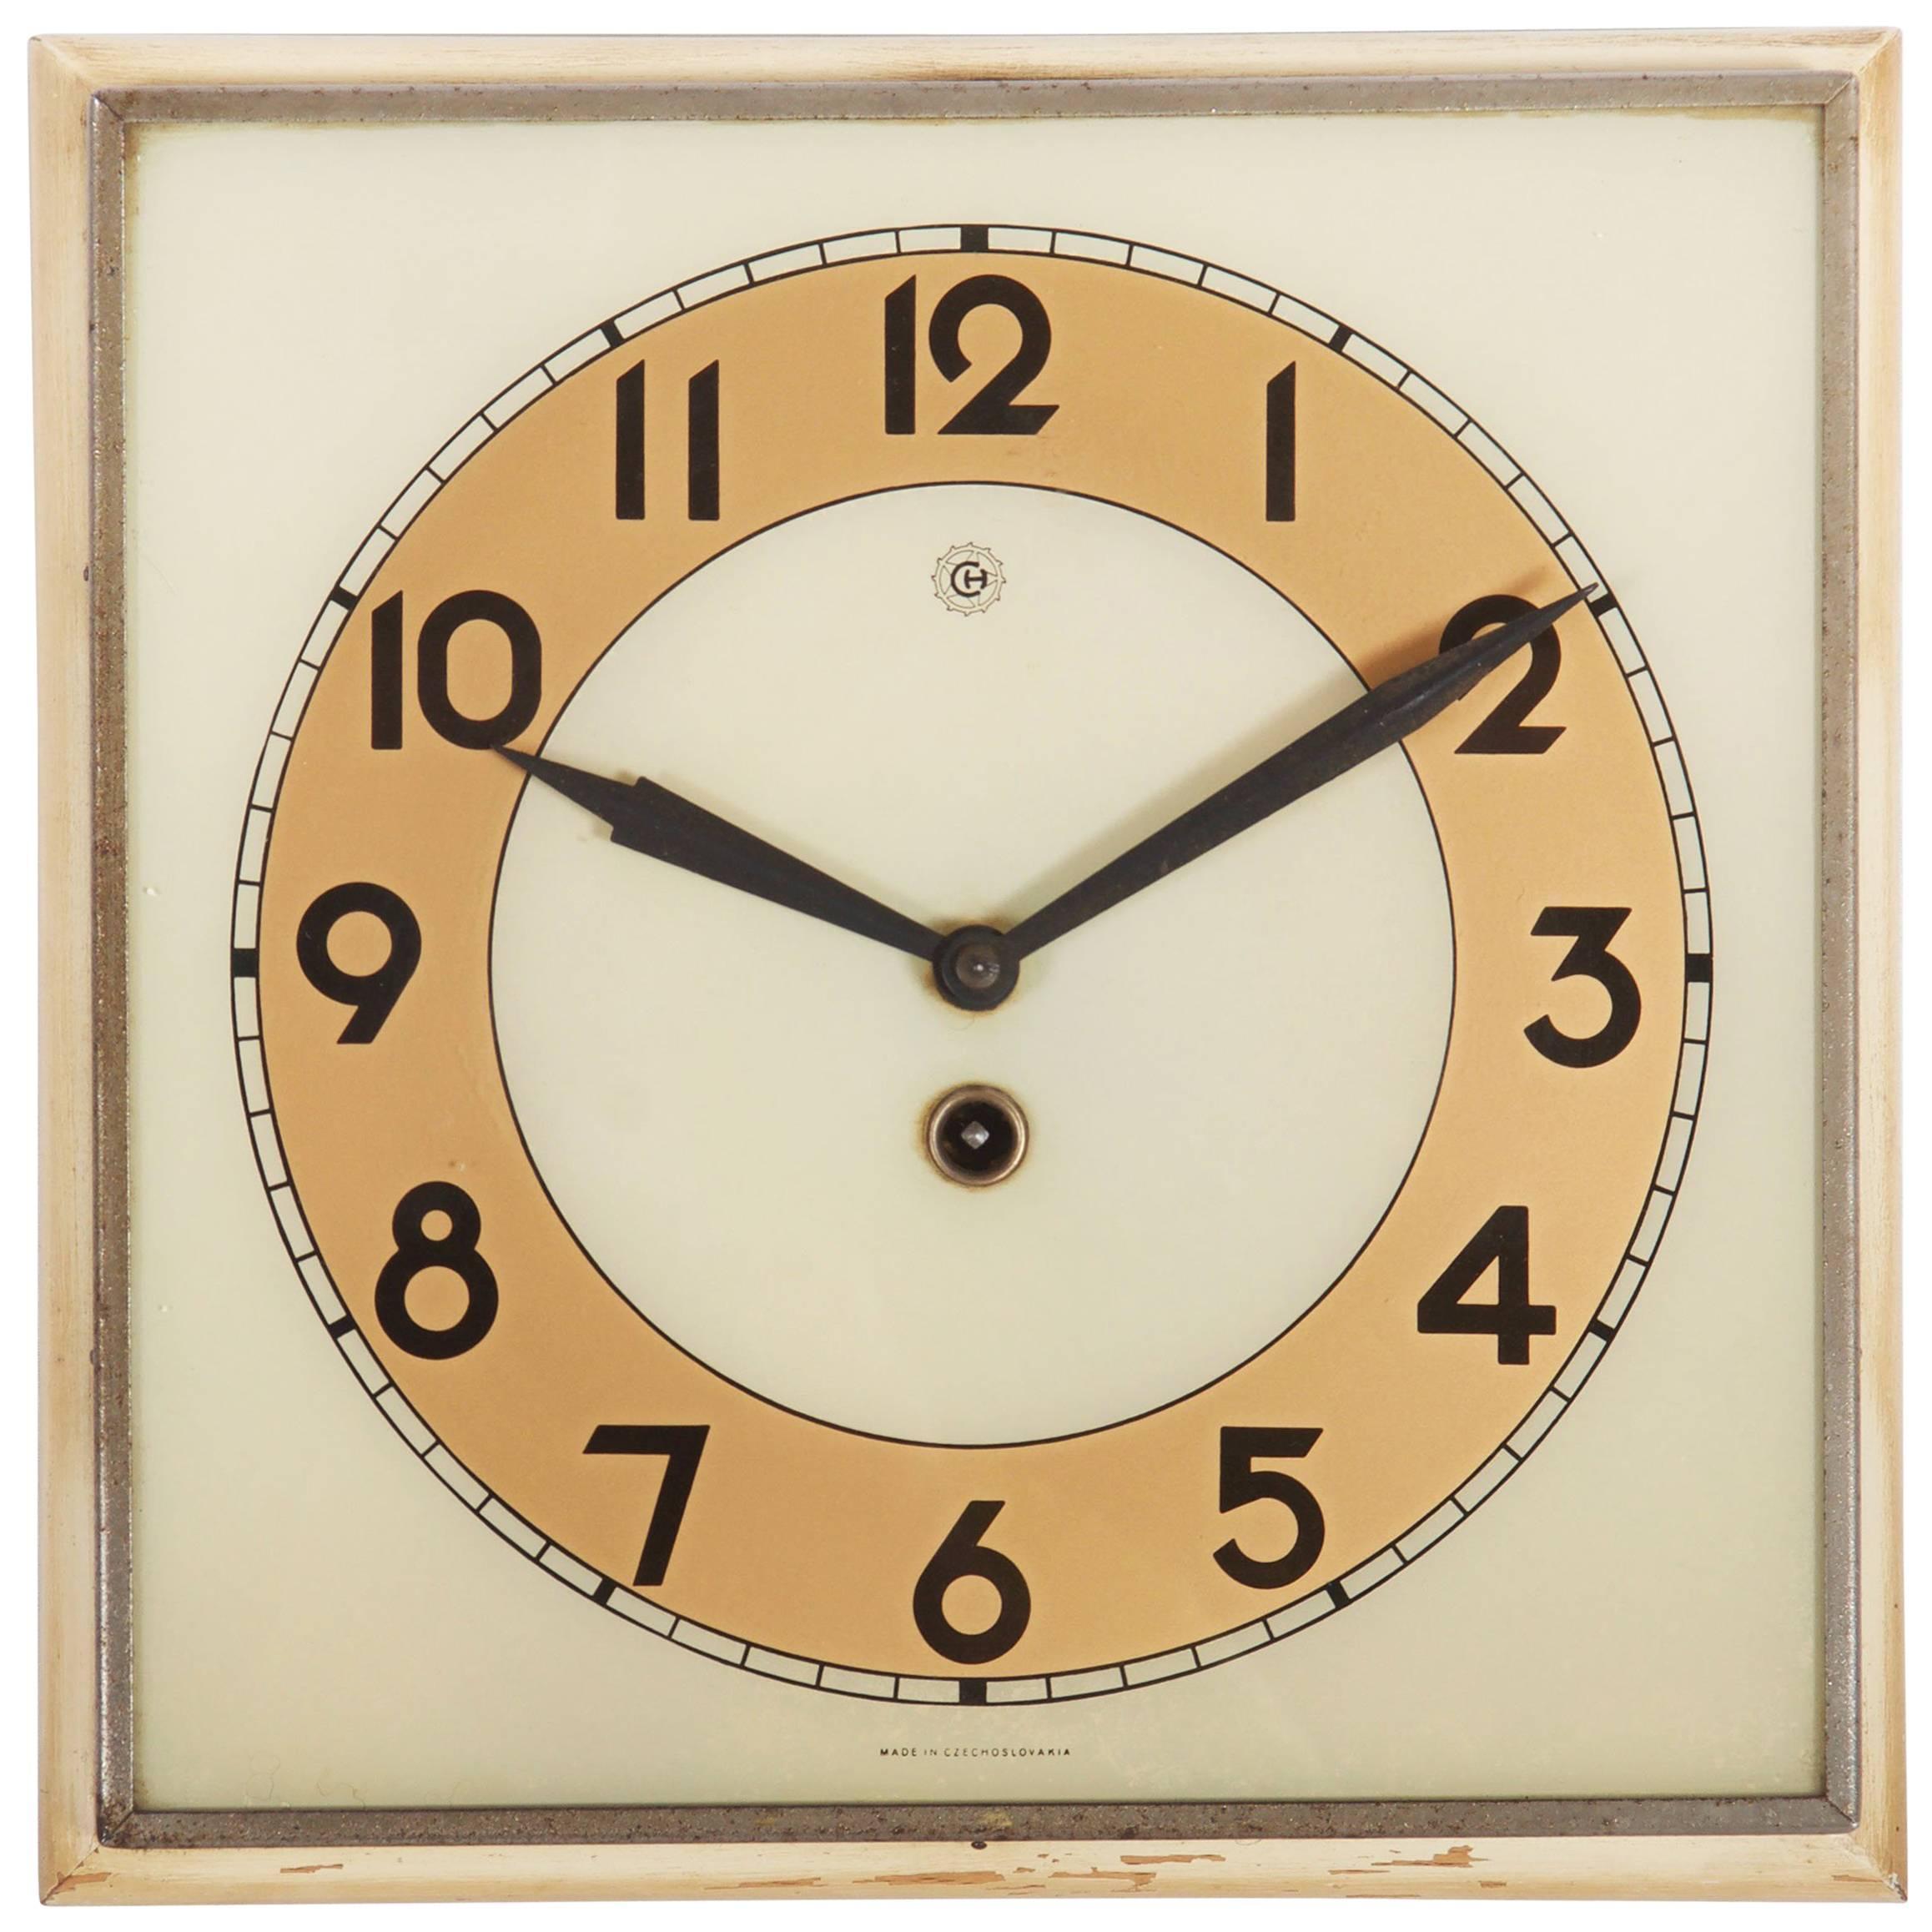 Beautiful Art Deco Wall Clock